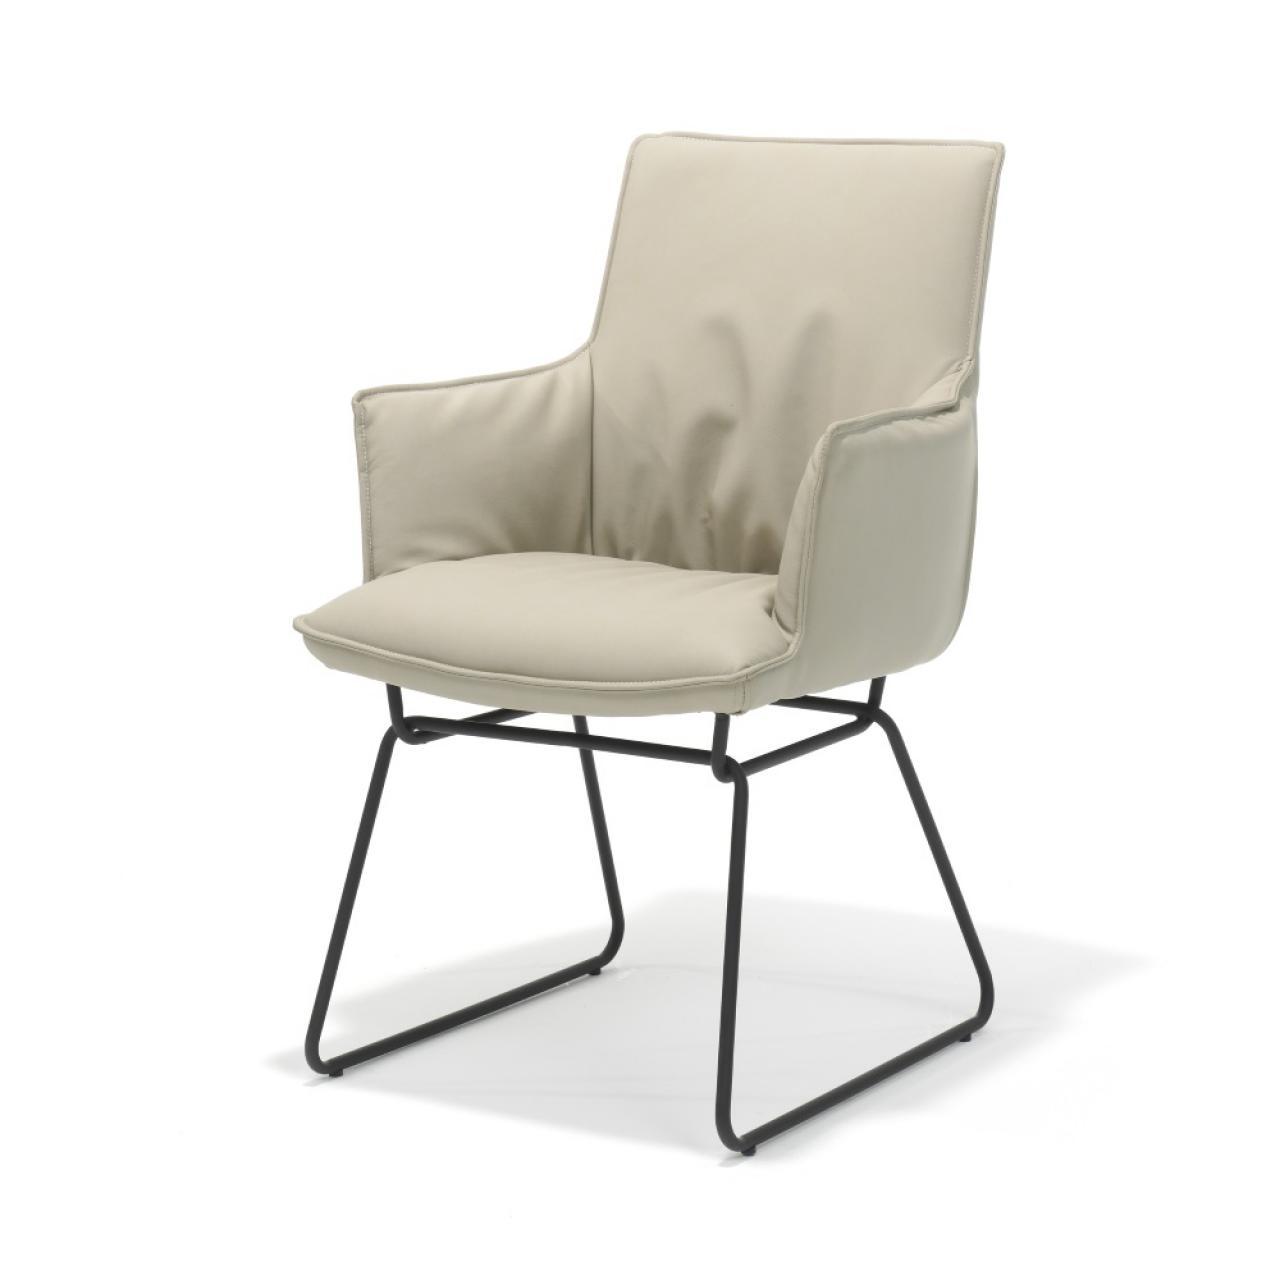 Esszimmerstuhl Flair mit Armlehne in beige und schwarzen Gestell Stuhl Küchenstuhl